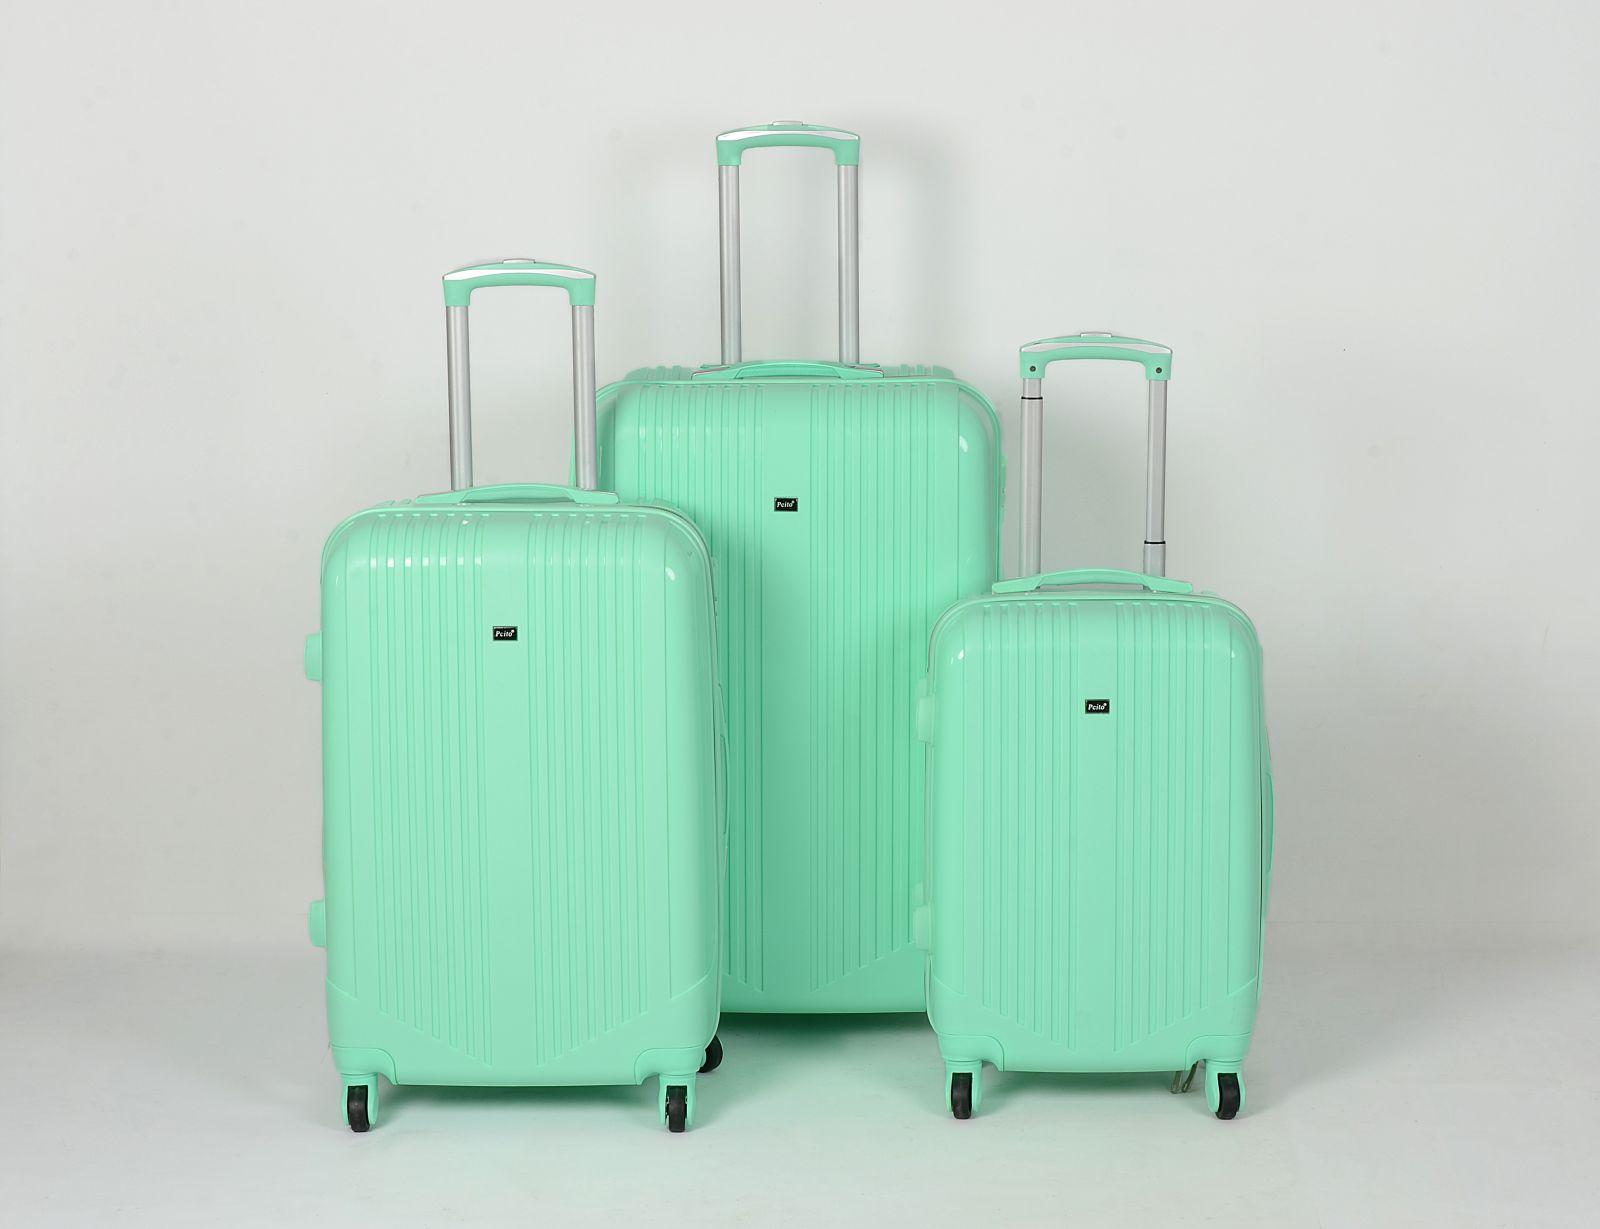 Cestovní kufry sada ABS Trolleykoffer TR-A16 světlo-zelená